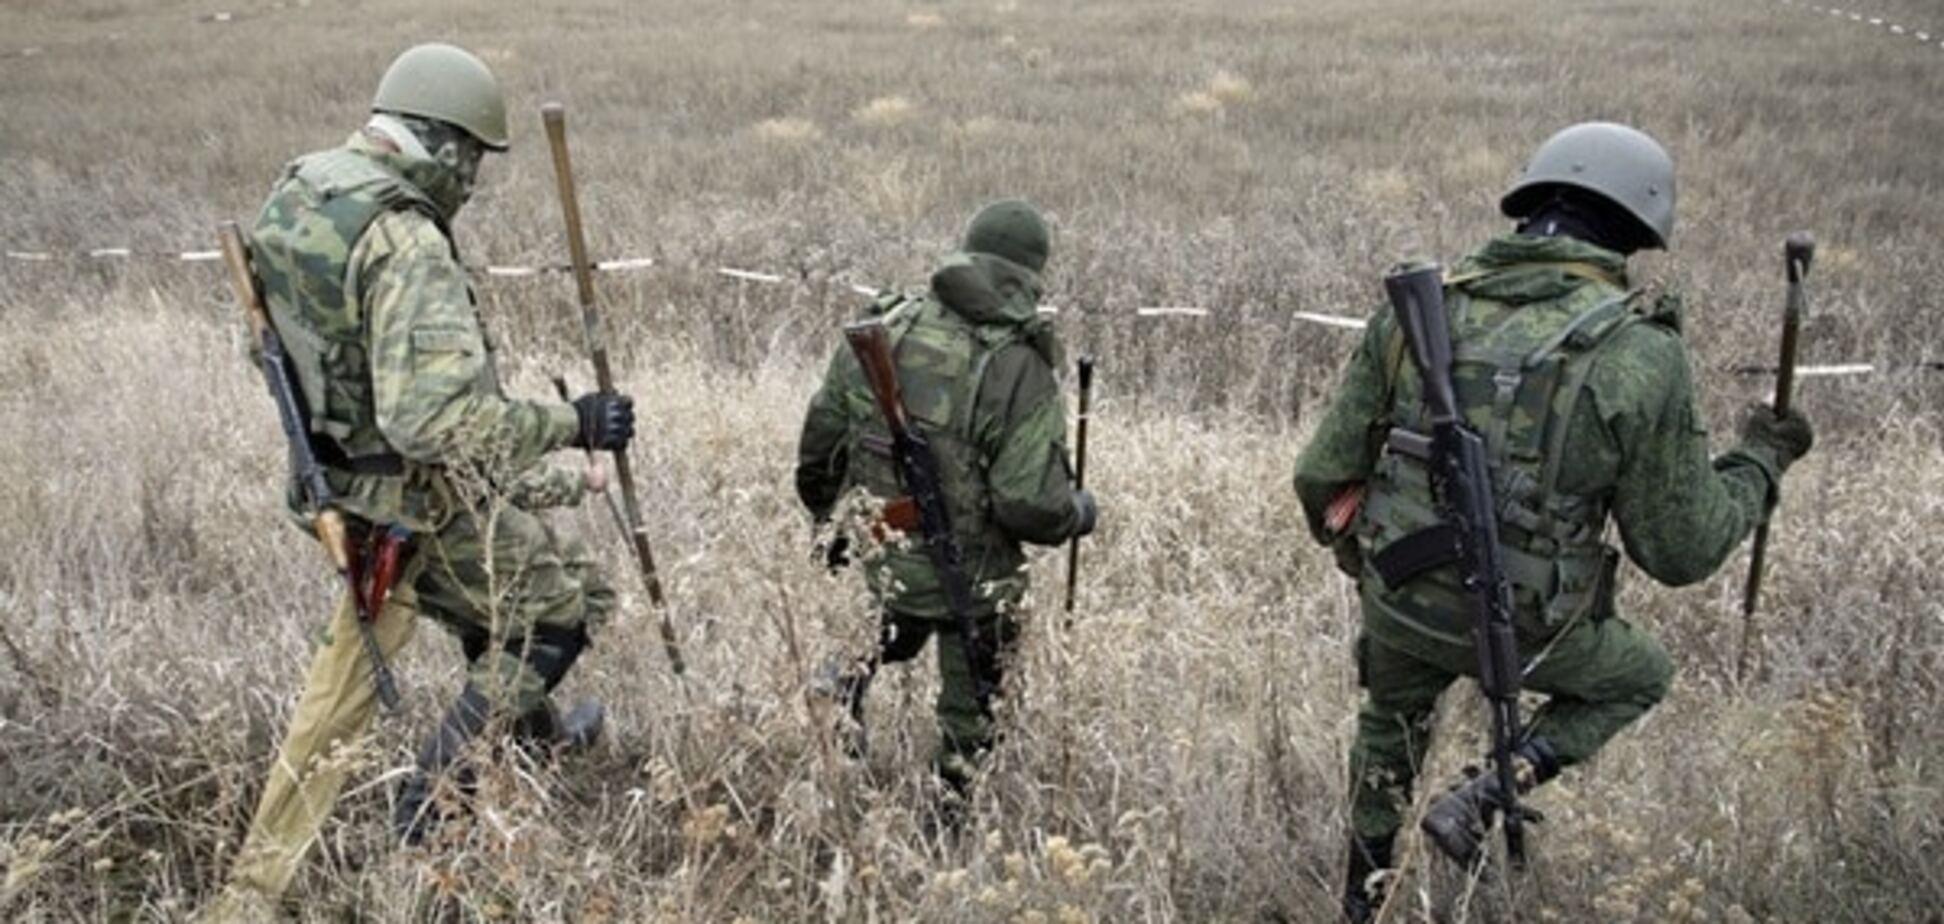 Три богатыря: боевики 'ЛНР' избили командира и сбежали